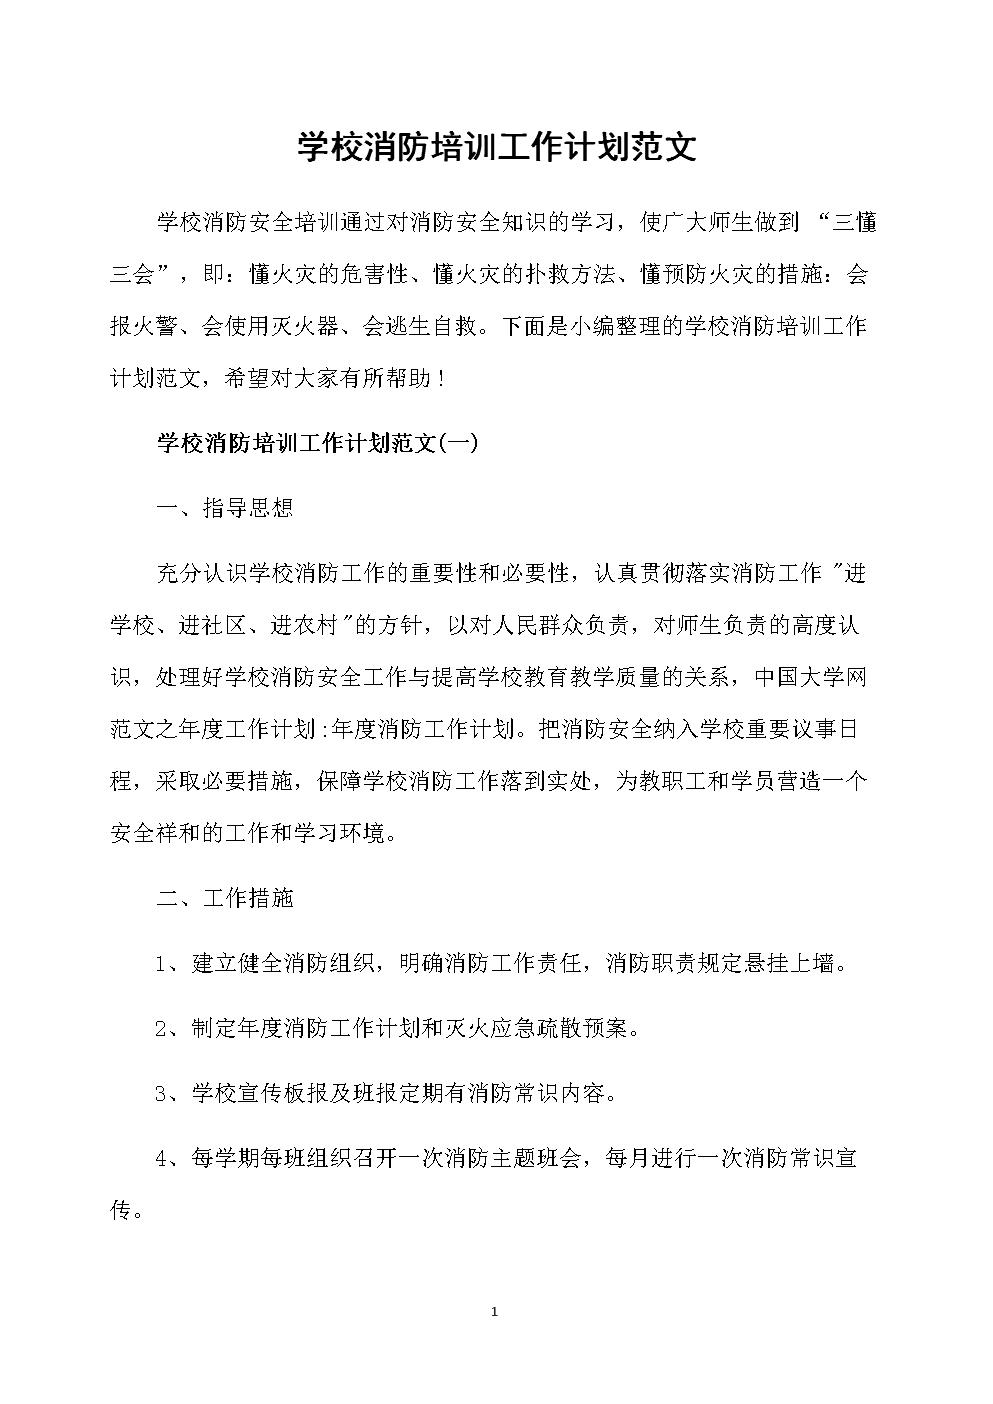 学校消防培训工作计划范文.docx